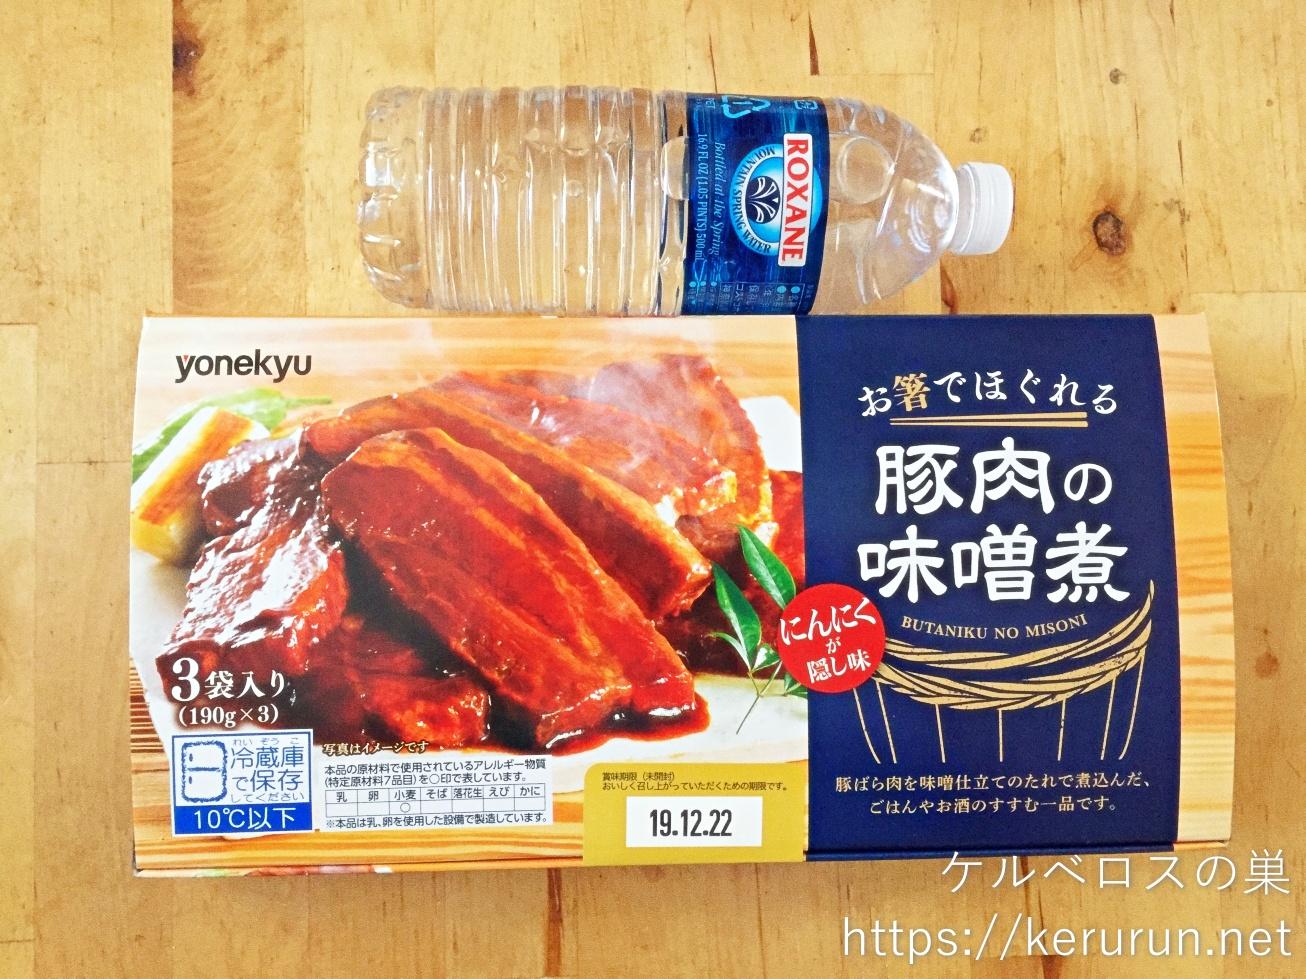 【コストコ】米久 お箸でほぐれる豚肉の味噌煮